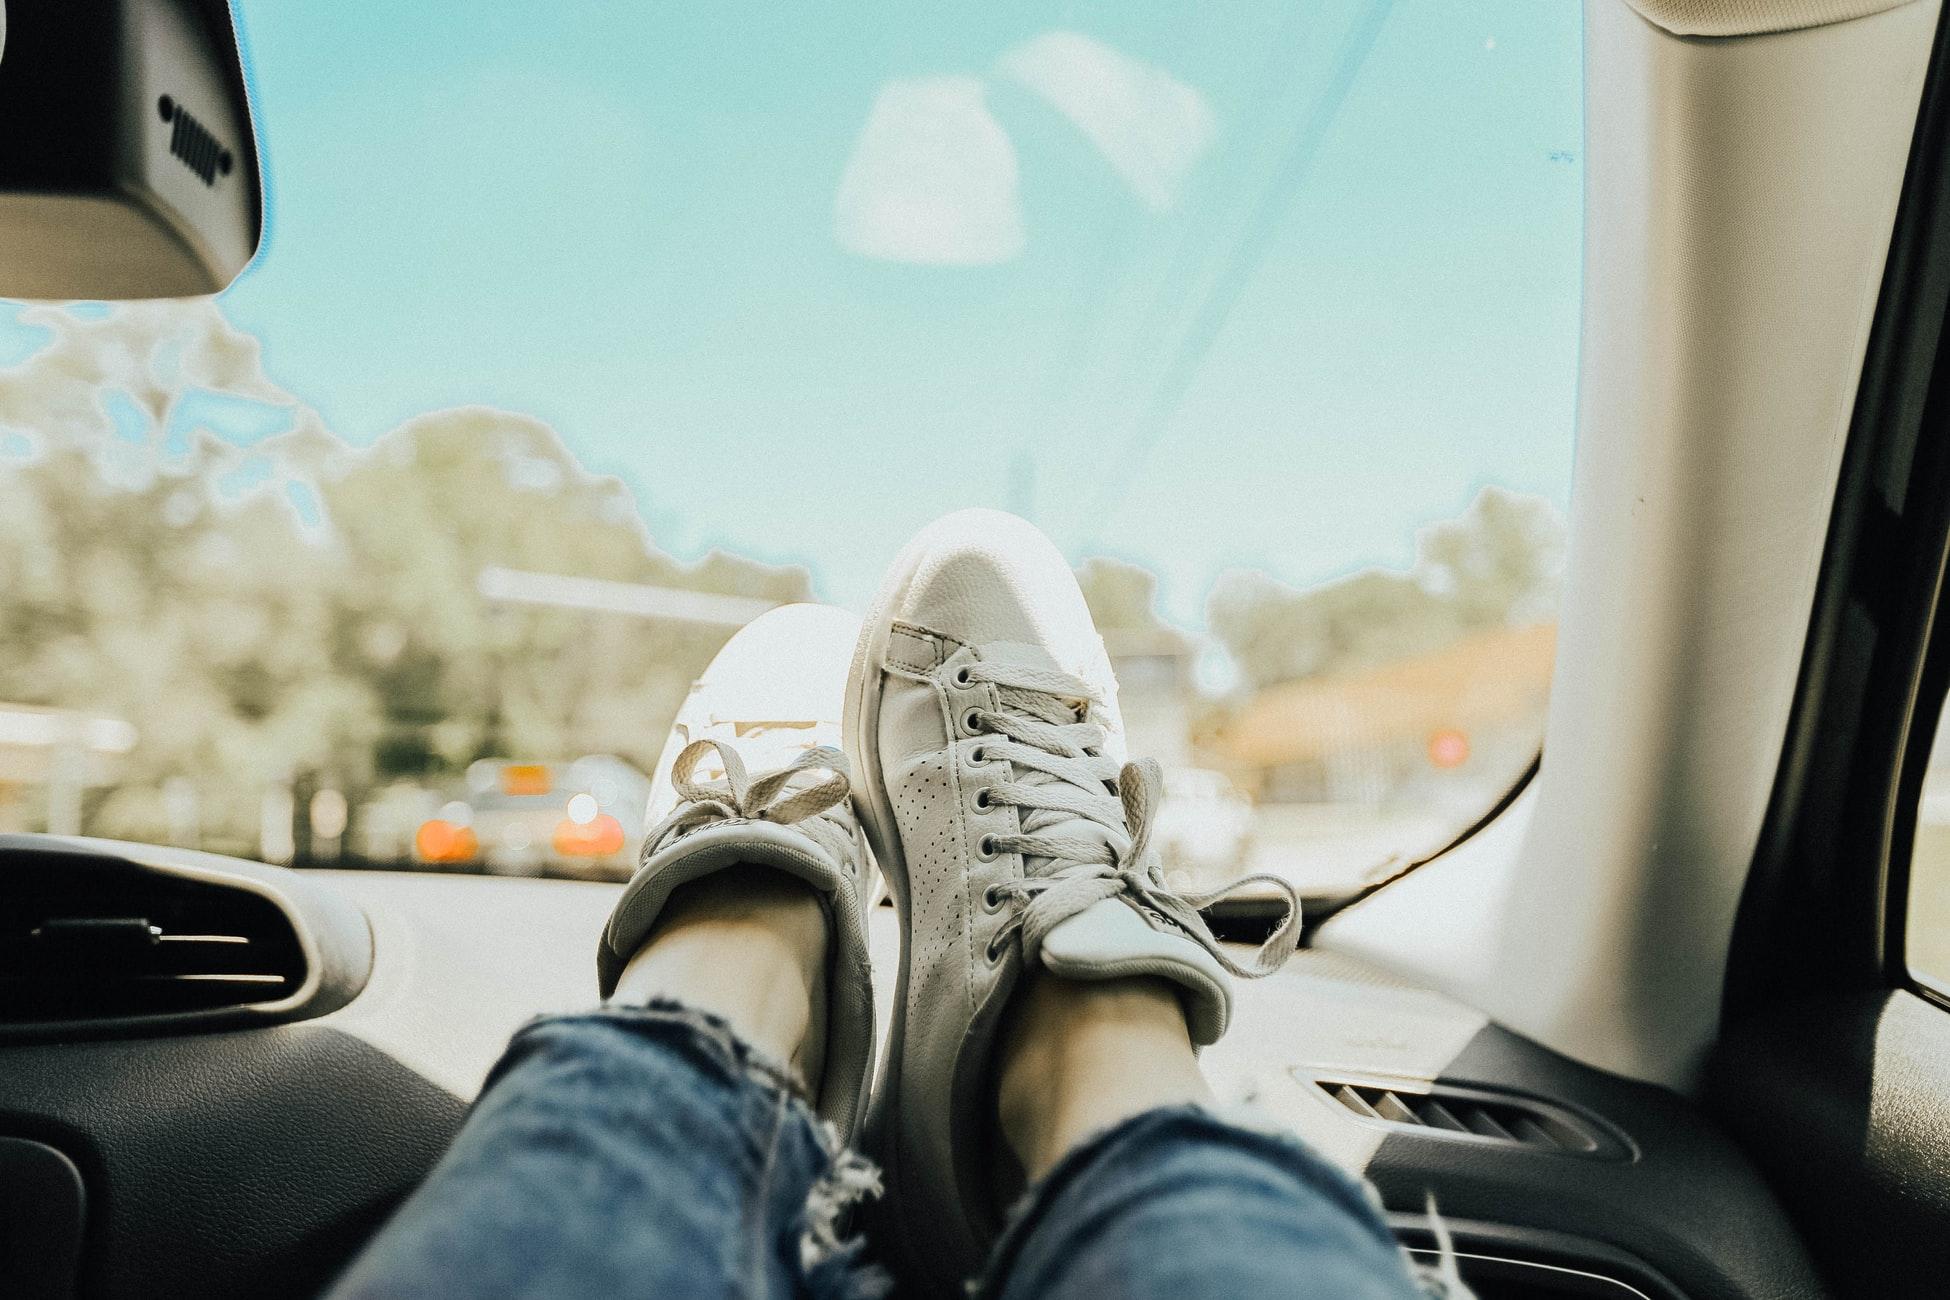 Bezpieczny zakup samochodu - na co zwracać uwagę